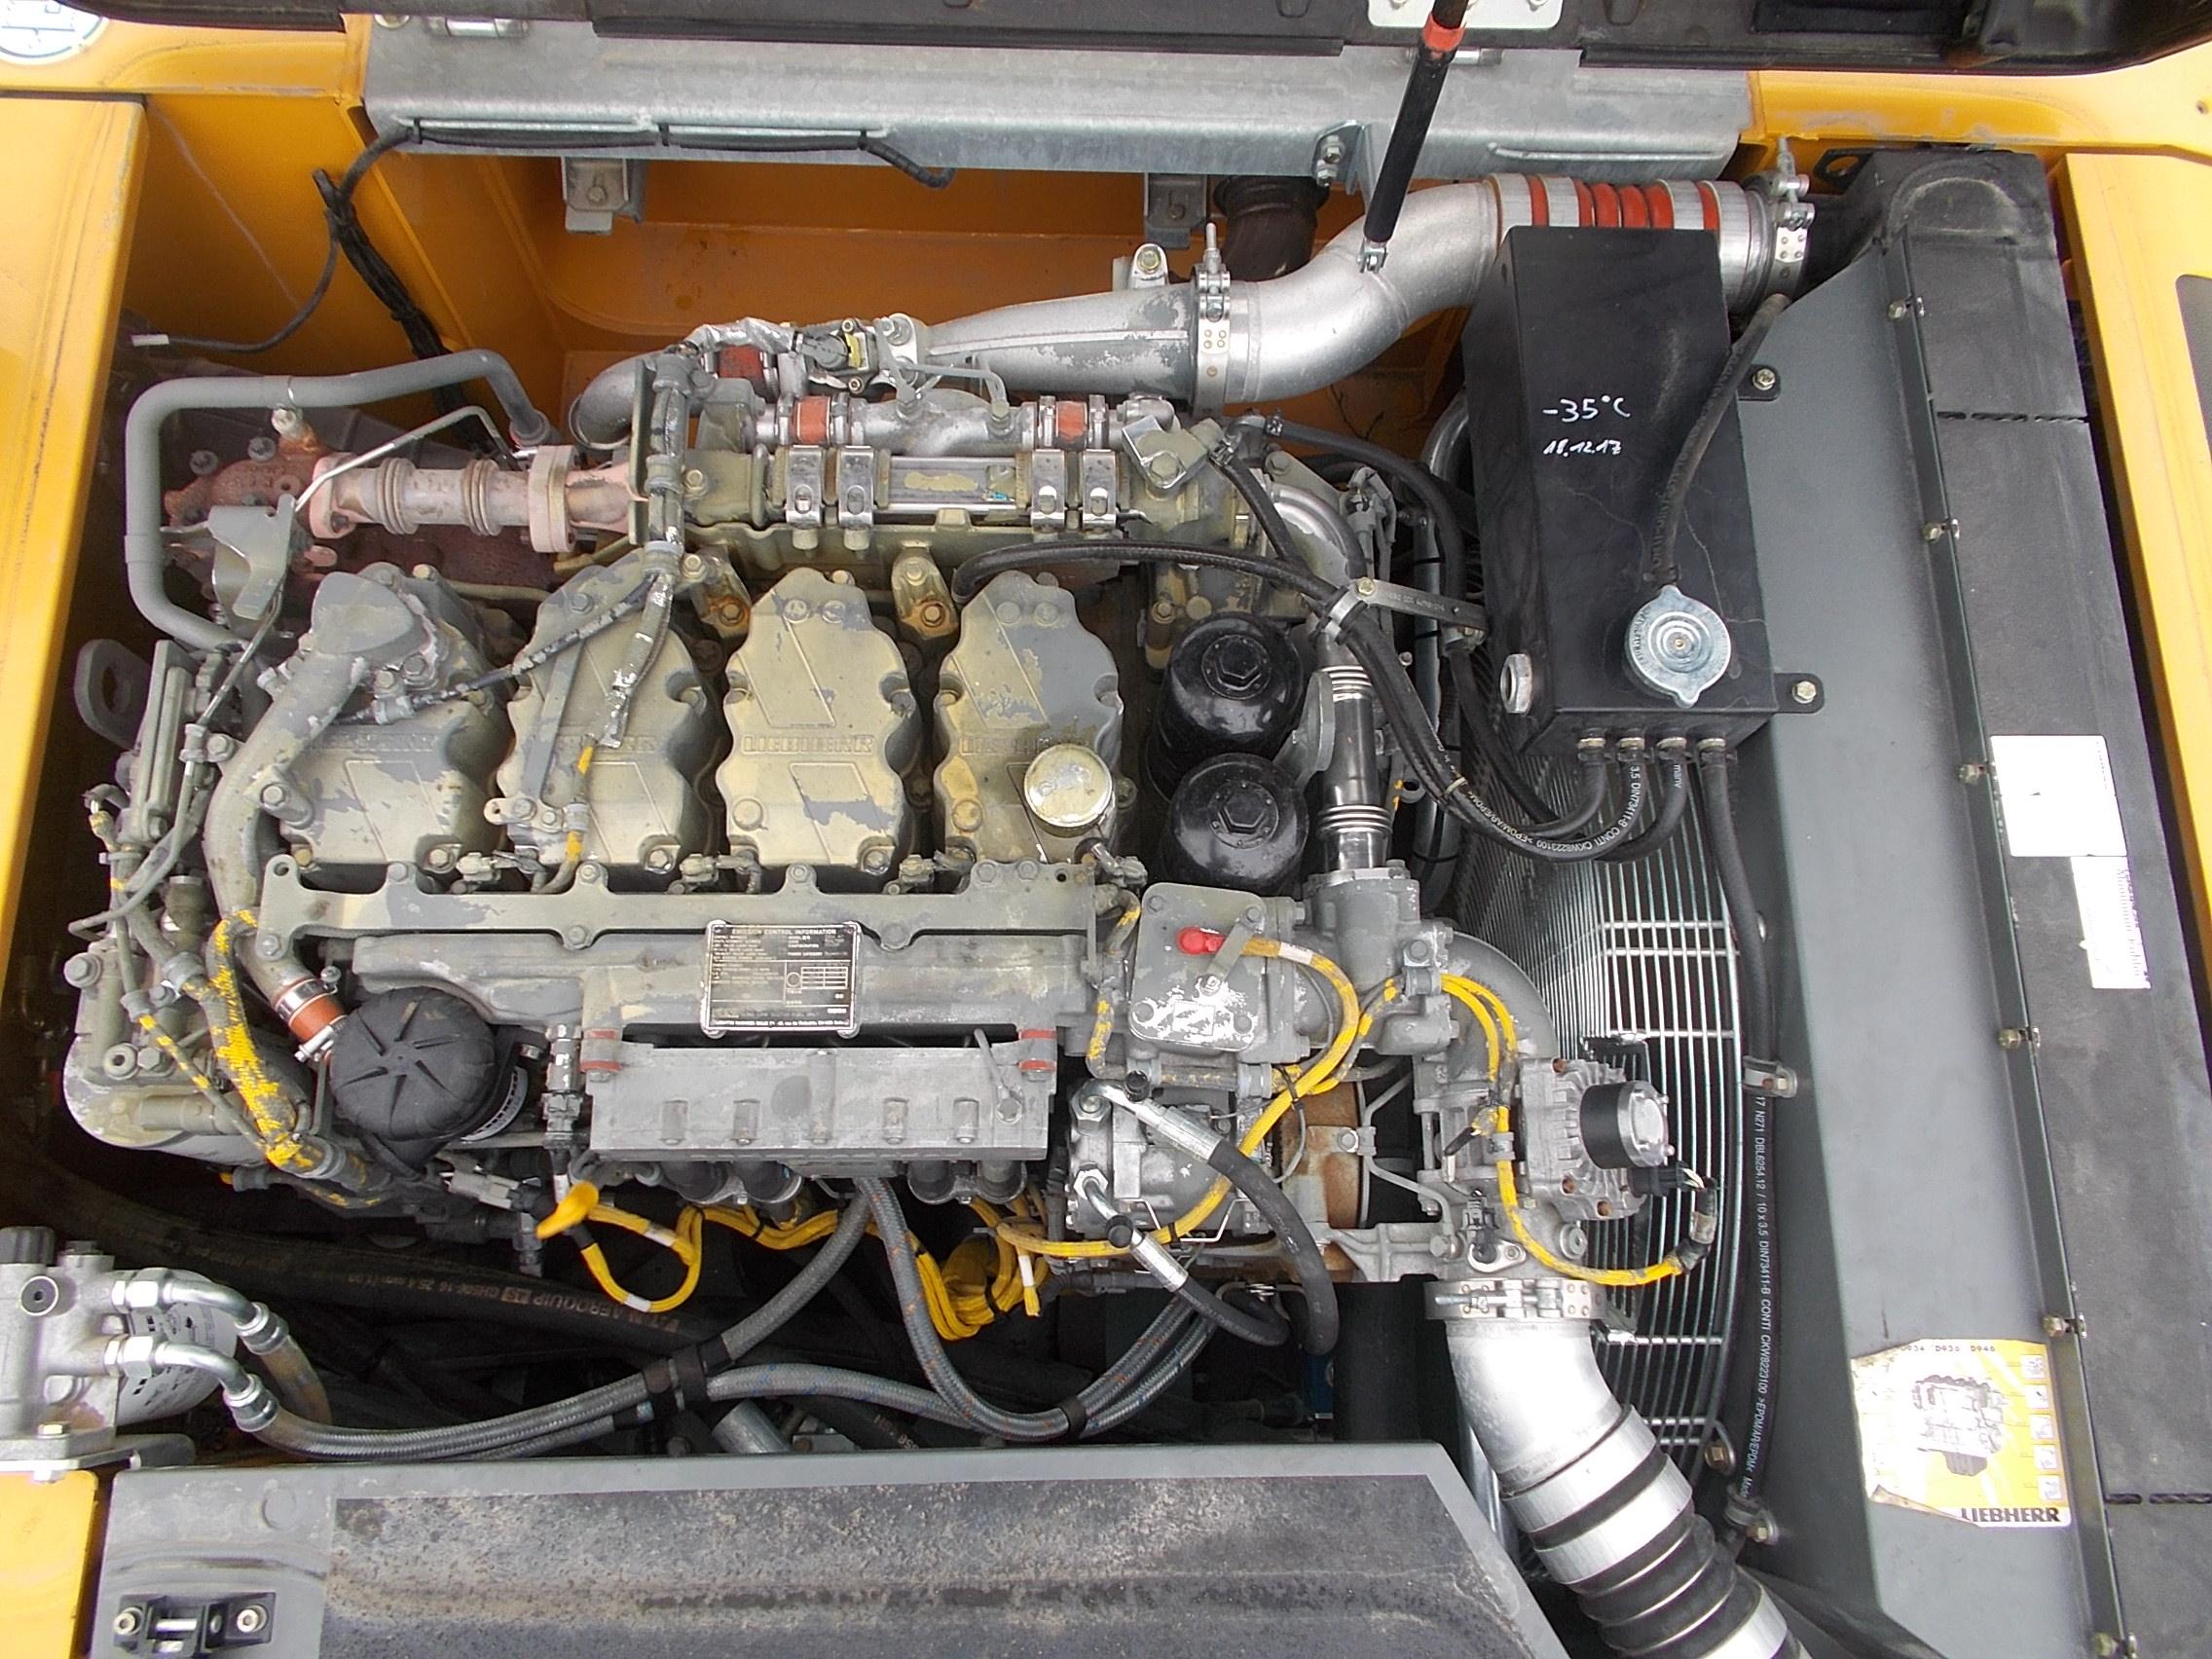 A 924 EW LI- 1180-73114_009.JPG